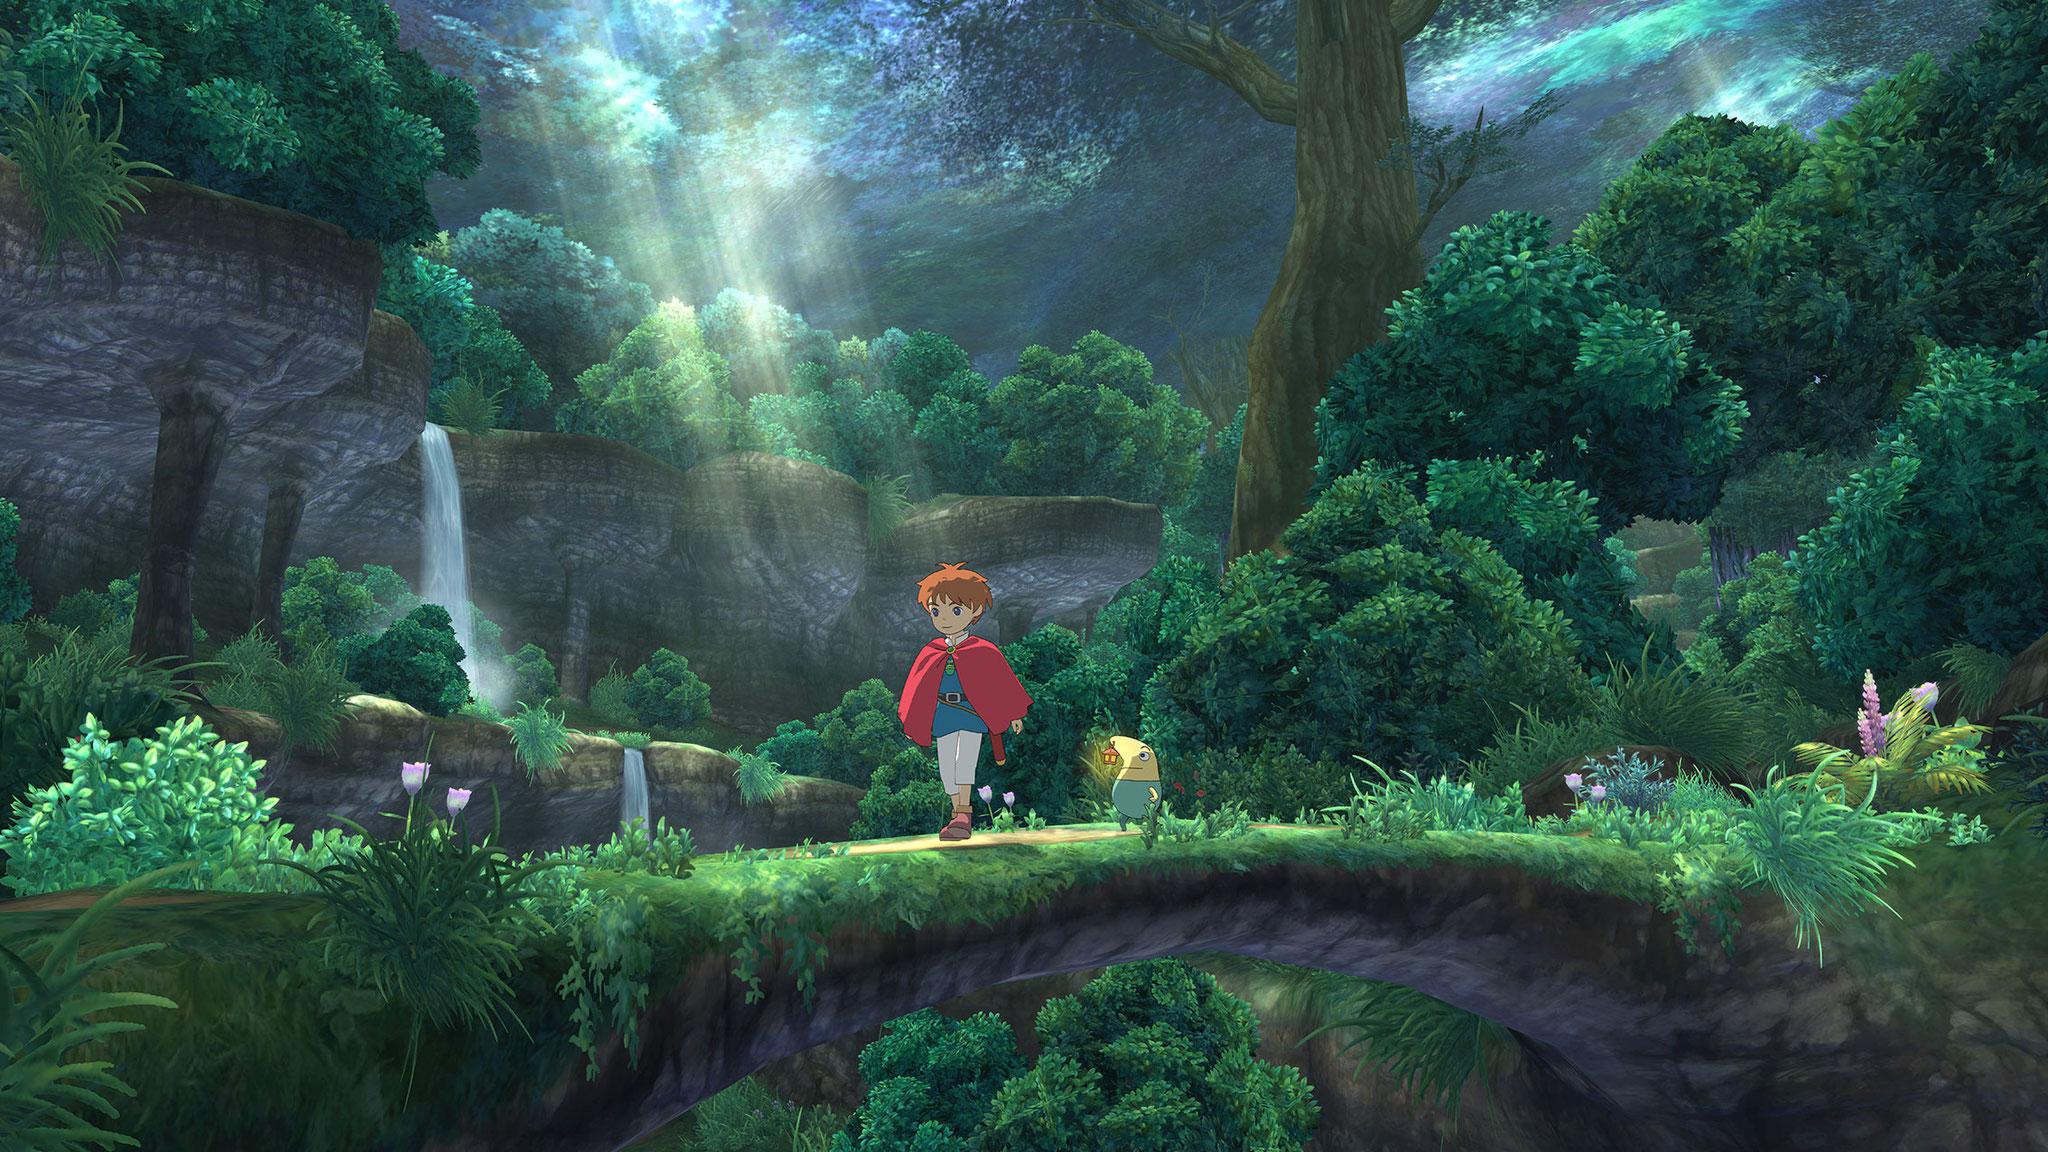 """""""Ni No Kuni: Der Fluch der weißen Königin"""" für PS3 schaffte es 2012 auch in den Westen. Spielerisch war die RPG- und Monster-Trainings-Kombi schon damals nicht mehr ganz auf der Höhe, aber sein Ghibli-Charme hat Spieler weltweit verzaubert."""